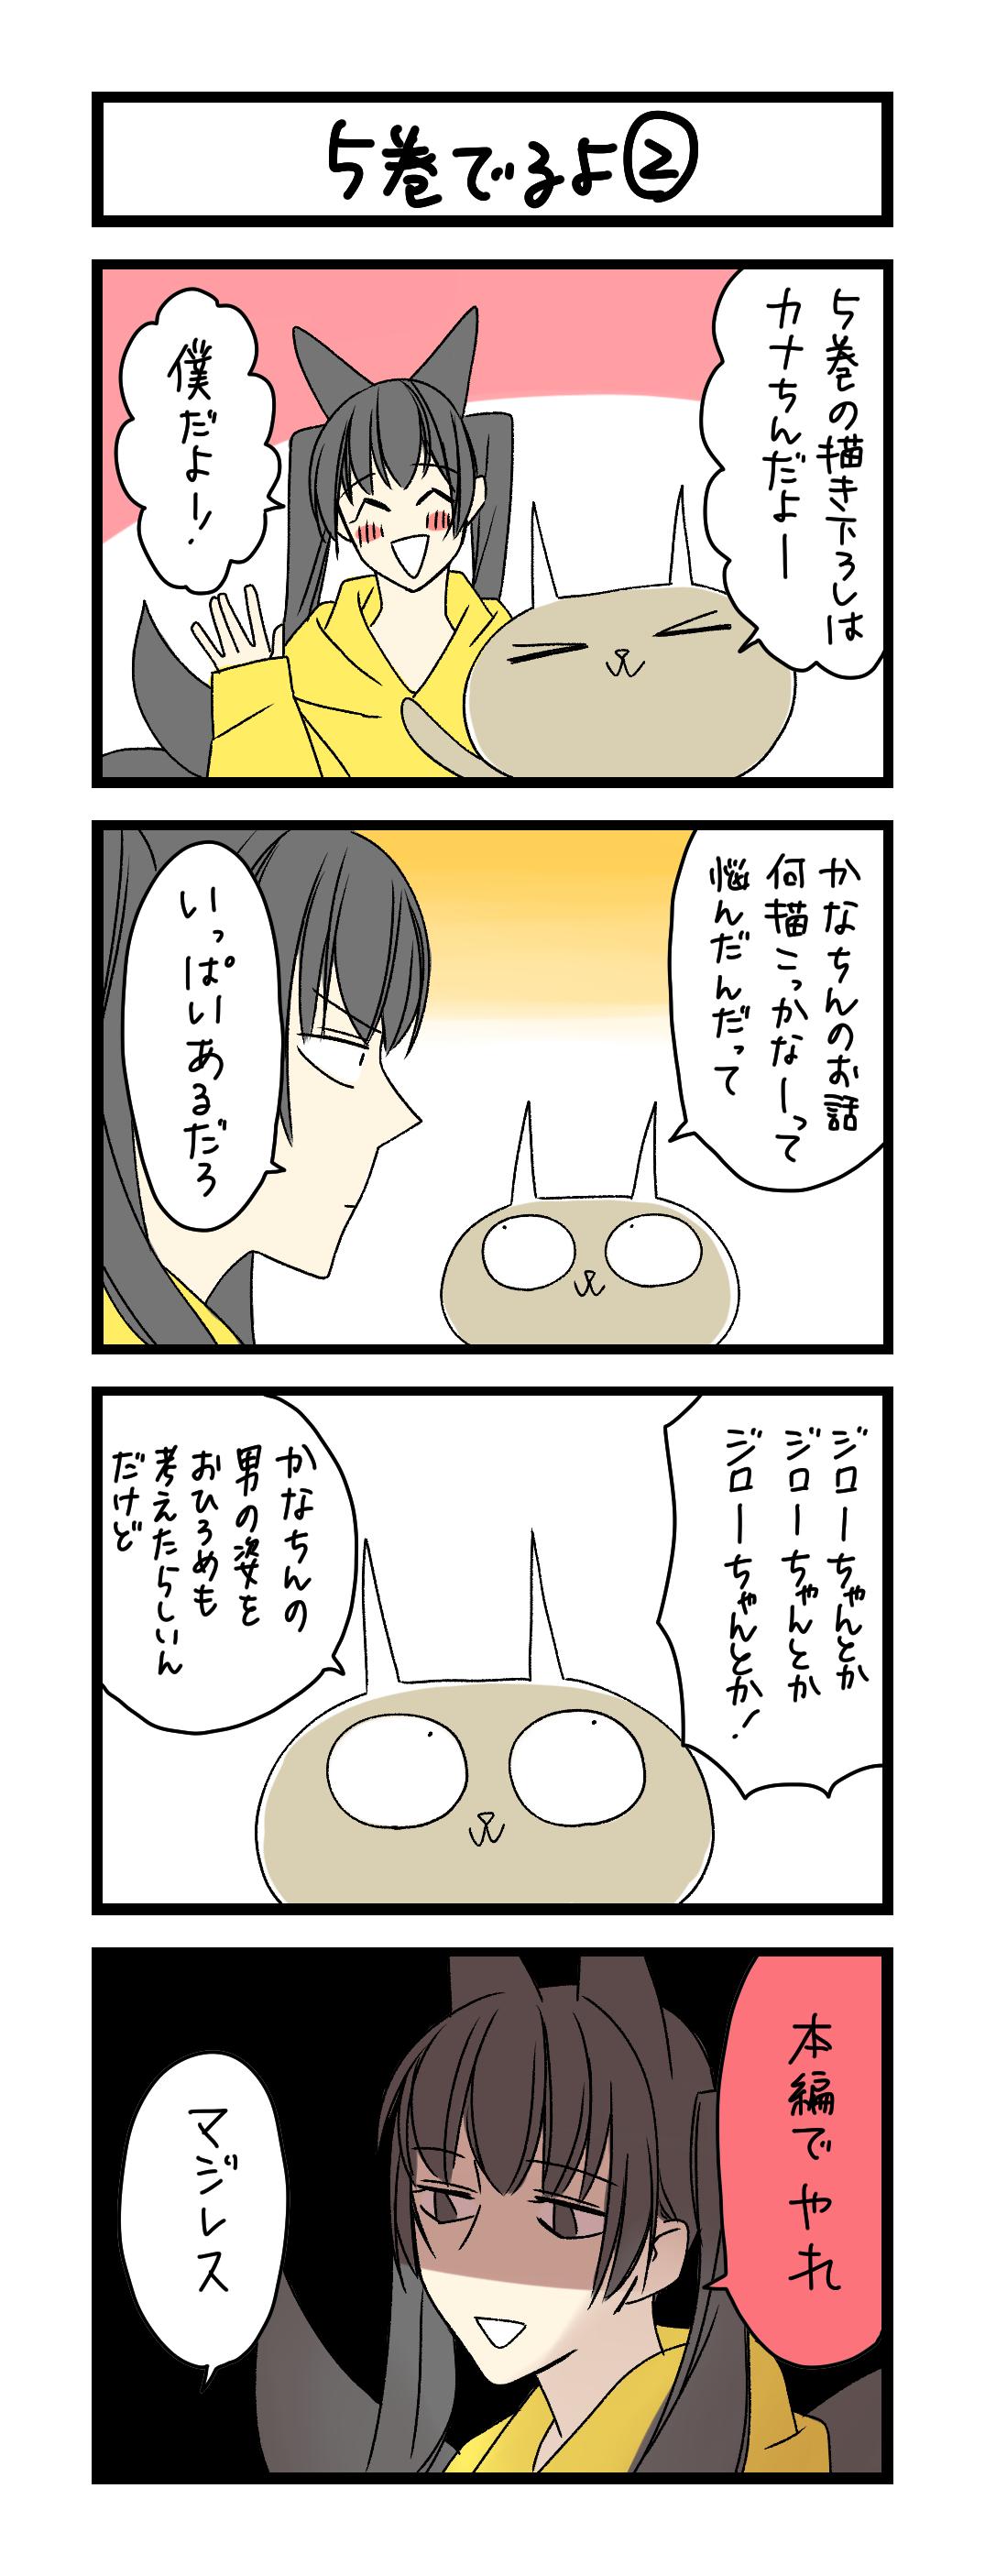 5巻でるよ (2)